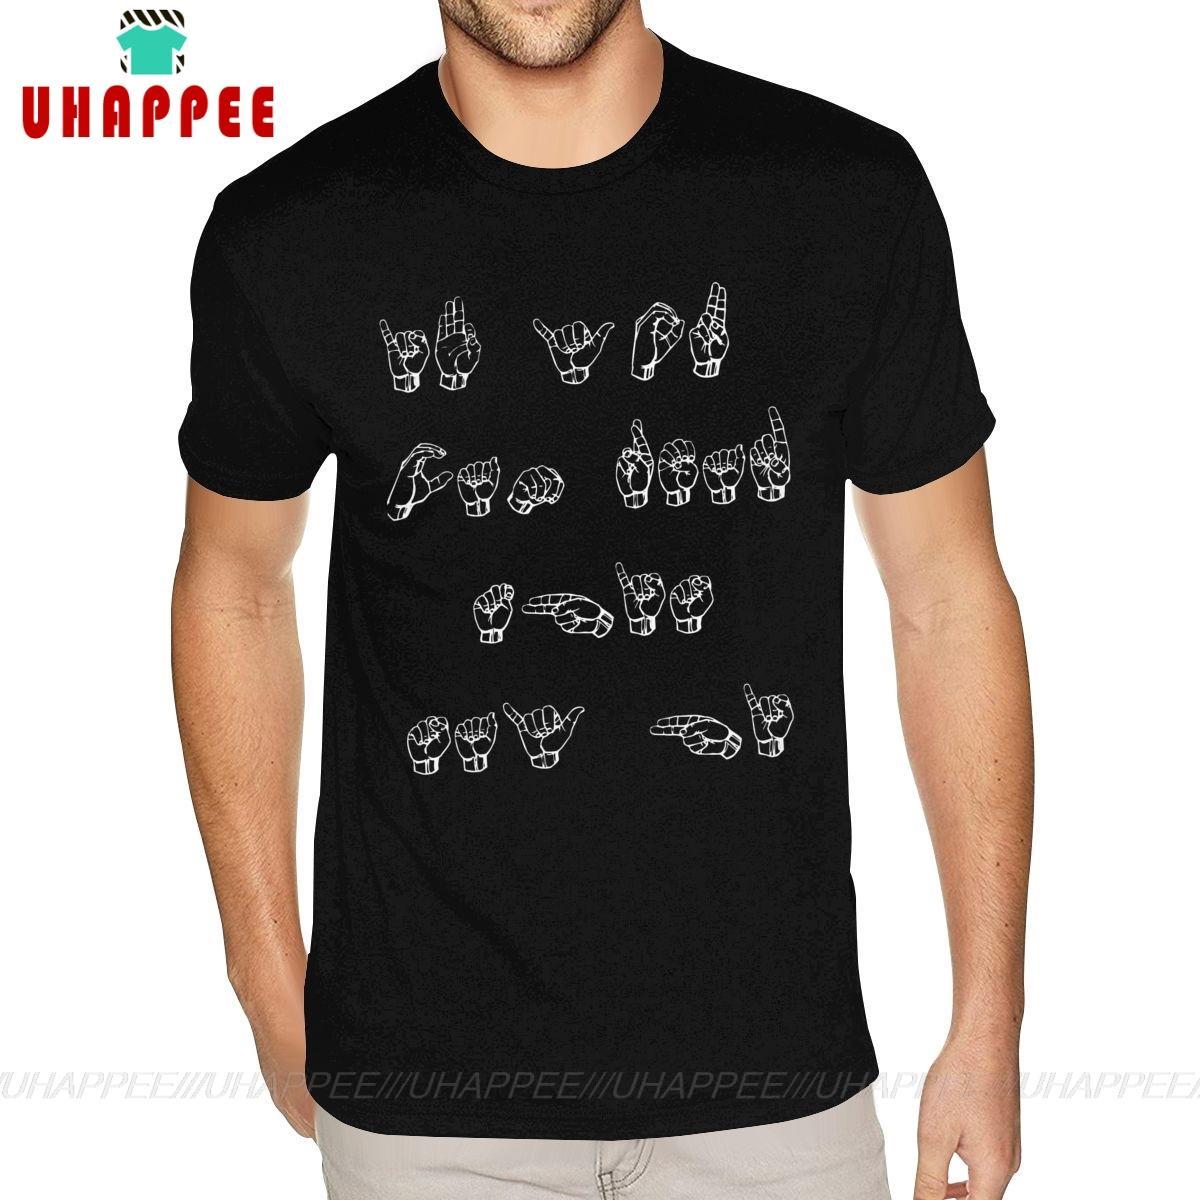 Büyük Boy Asl Amerikan İşaret Dili Tişört If You Can Oku Bu ... Öğretmen Tees Kısa Kollu Adam Boys S-6XL Boyut Siyah Tişört